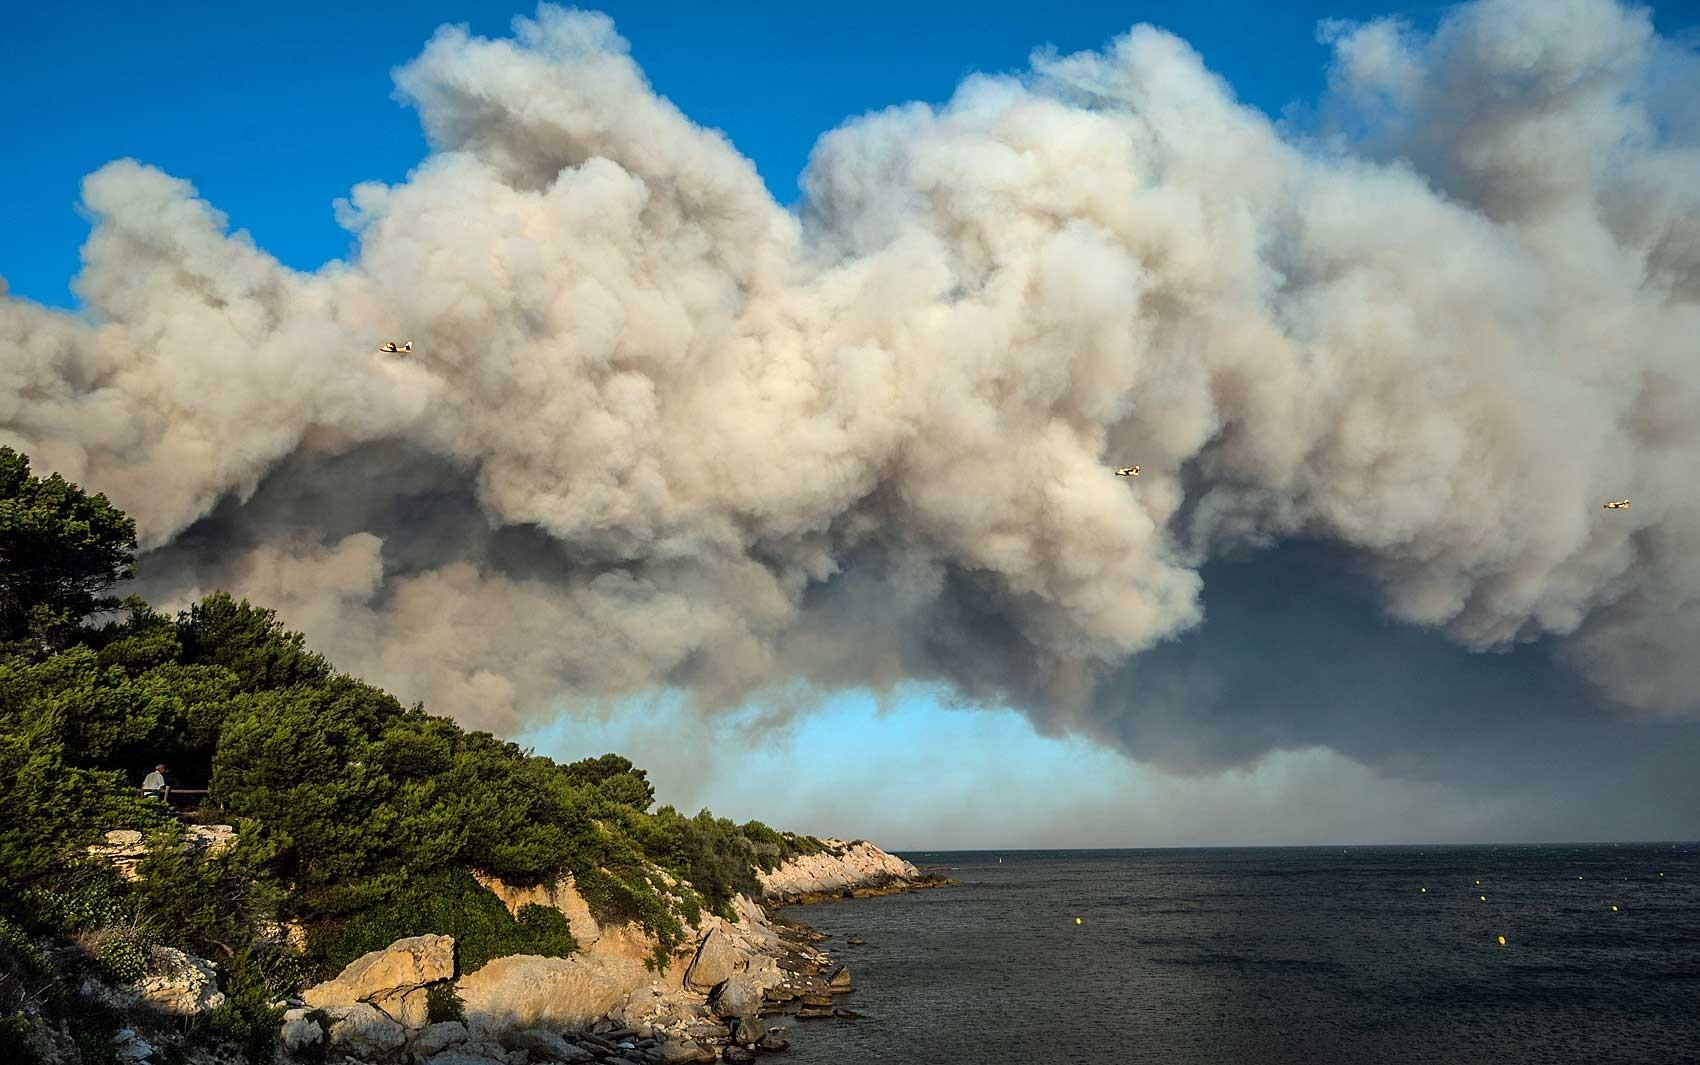 Incêndio florestal força a retirada de 2.700 pessoas no Sul da França